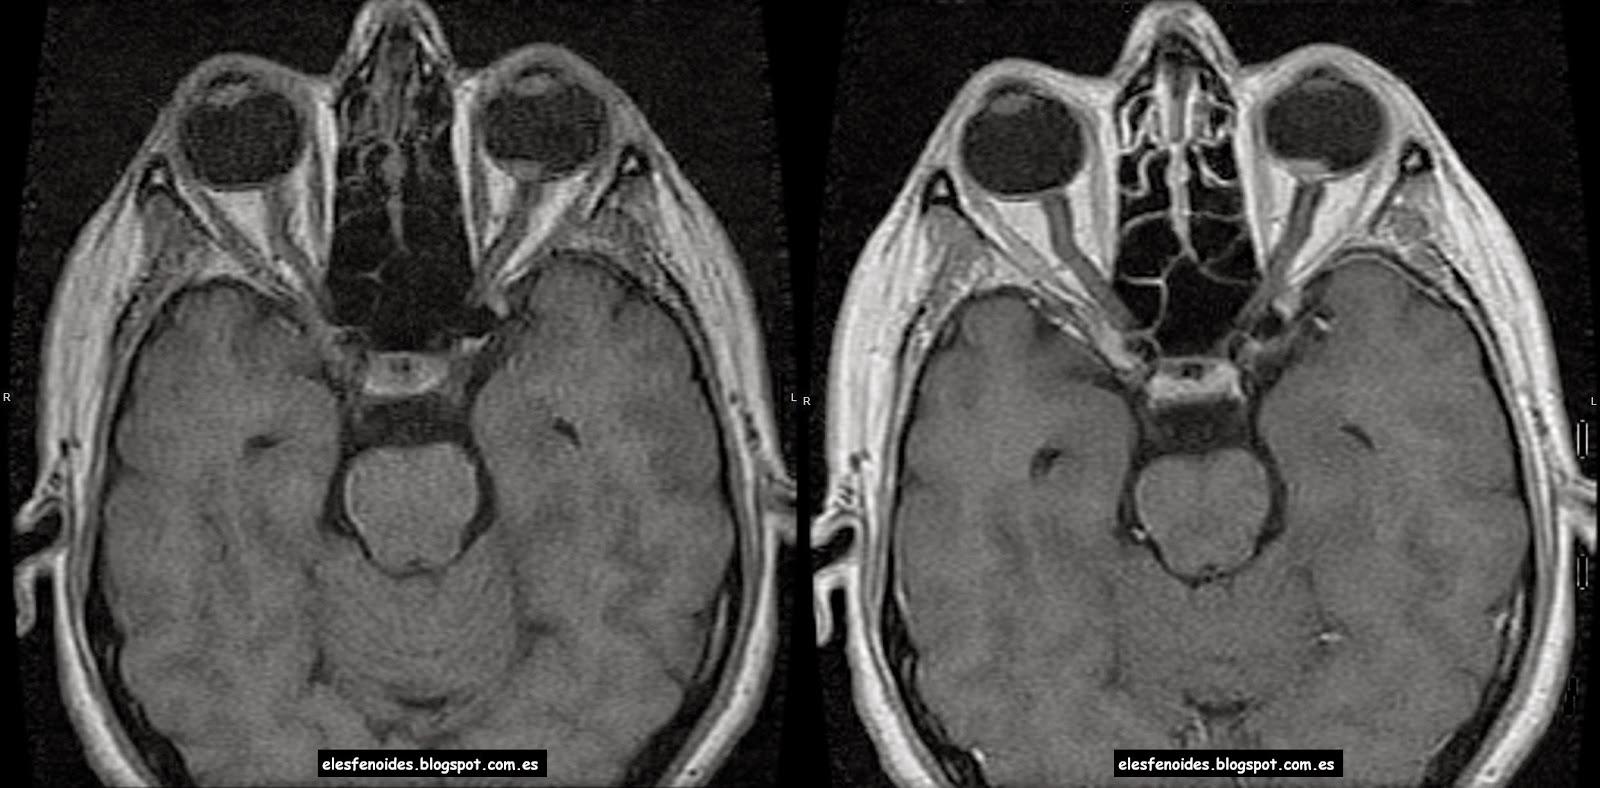 El esfenoides: Melanoma coroideo. 2 imágenes 1 caso.